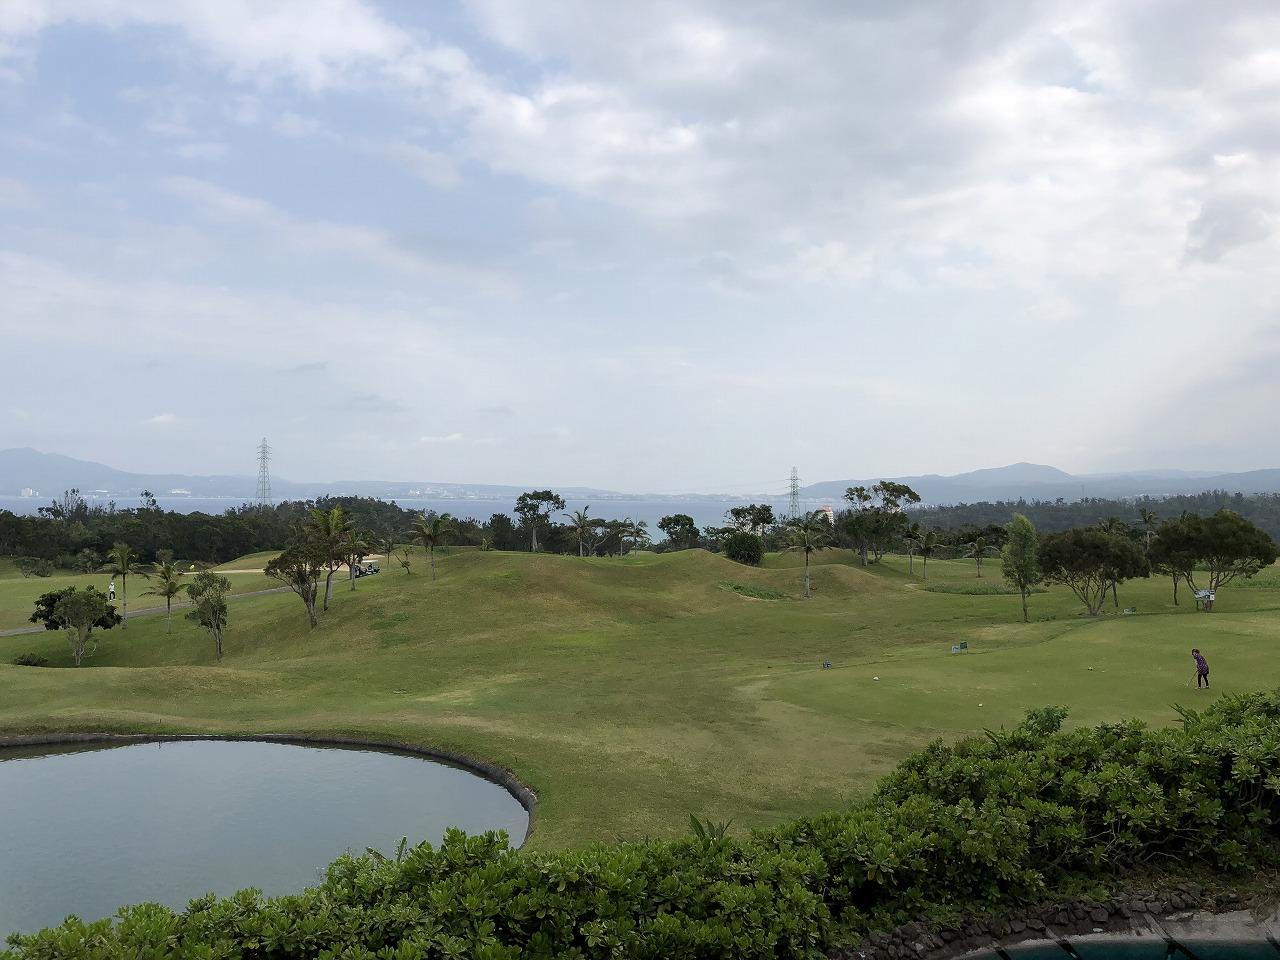 リッツカールトン沖縄の前の喜瀬カントリークラブ